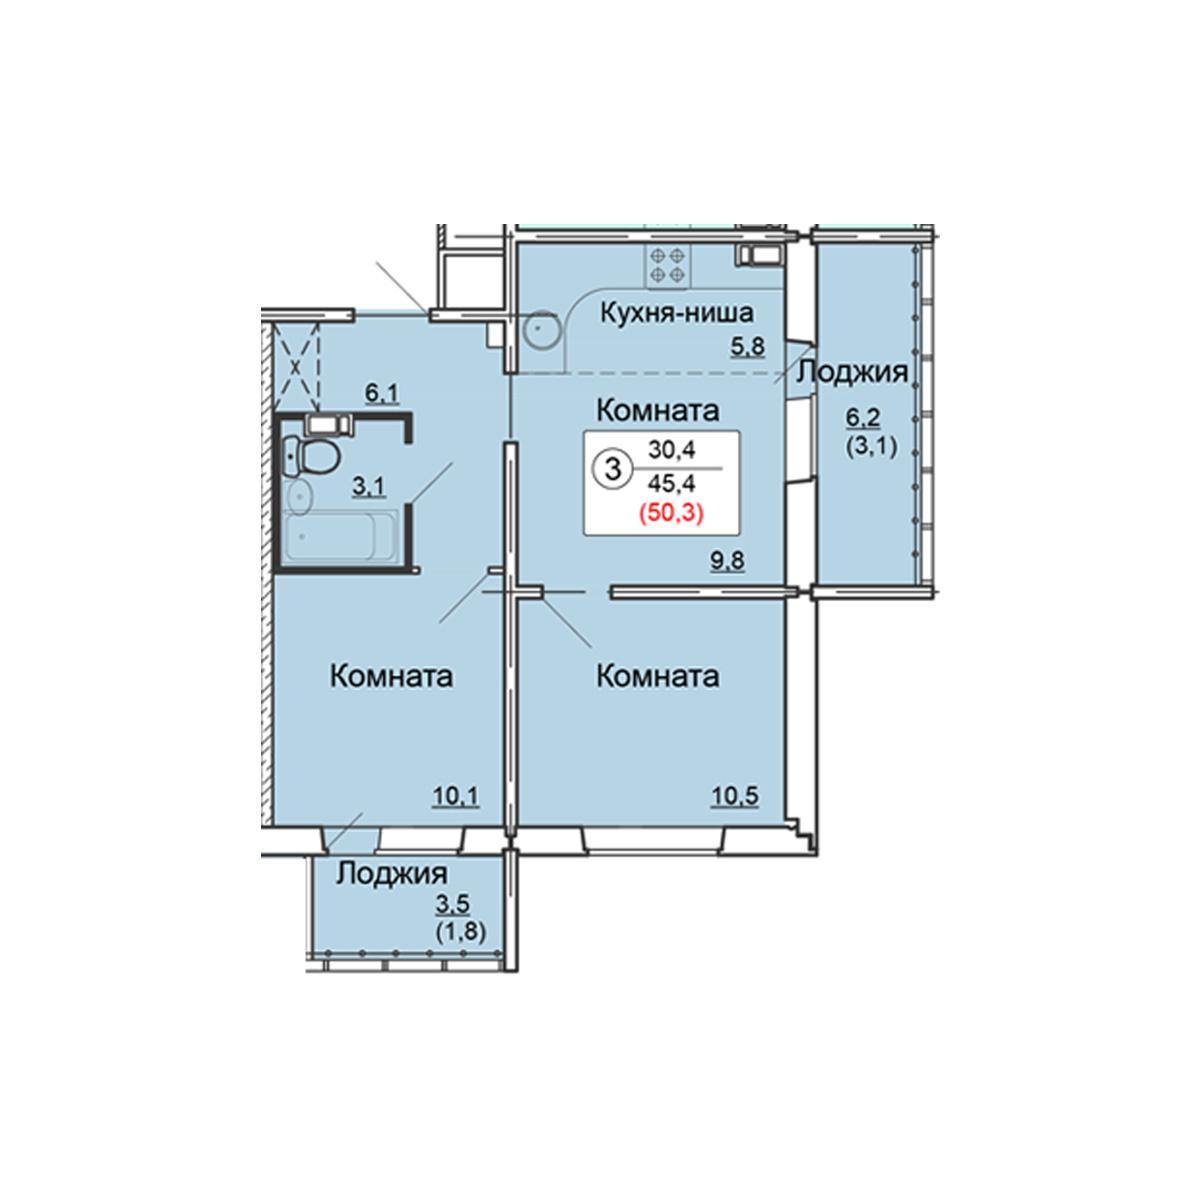 3-комнатная квартира 50.3 м<sup>2</sup>, Дом по ул. Попова, 38